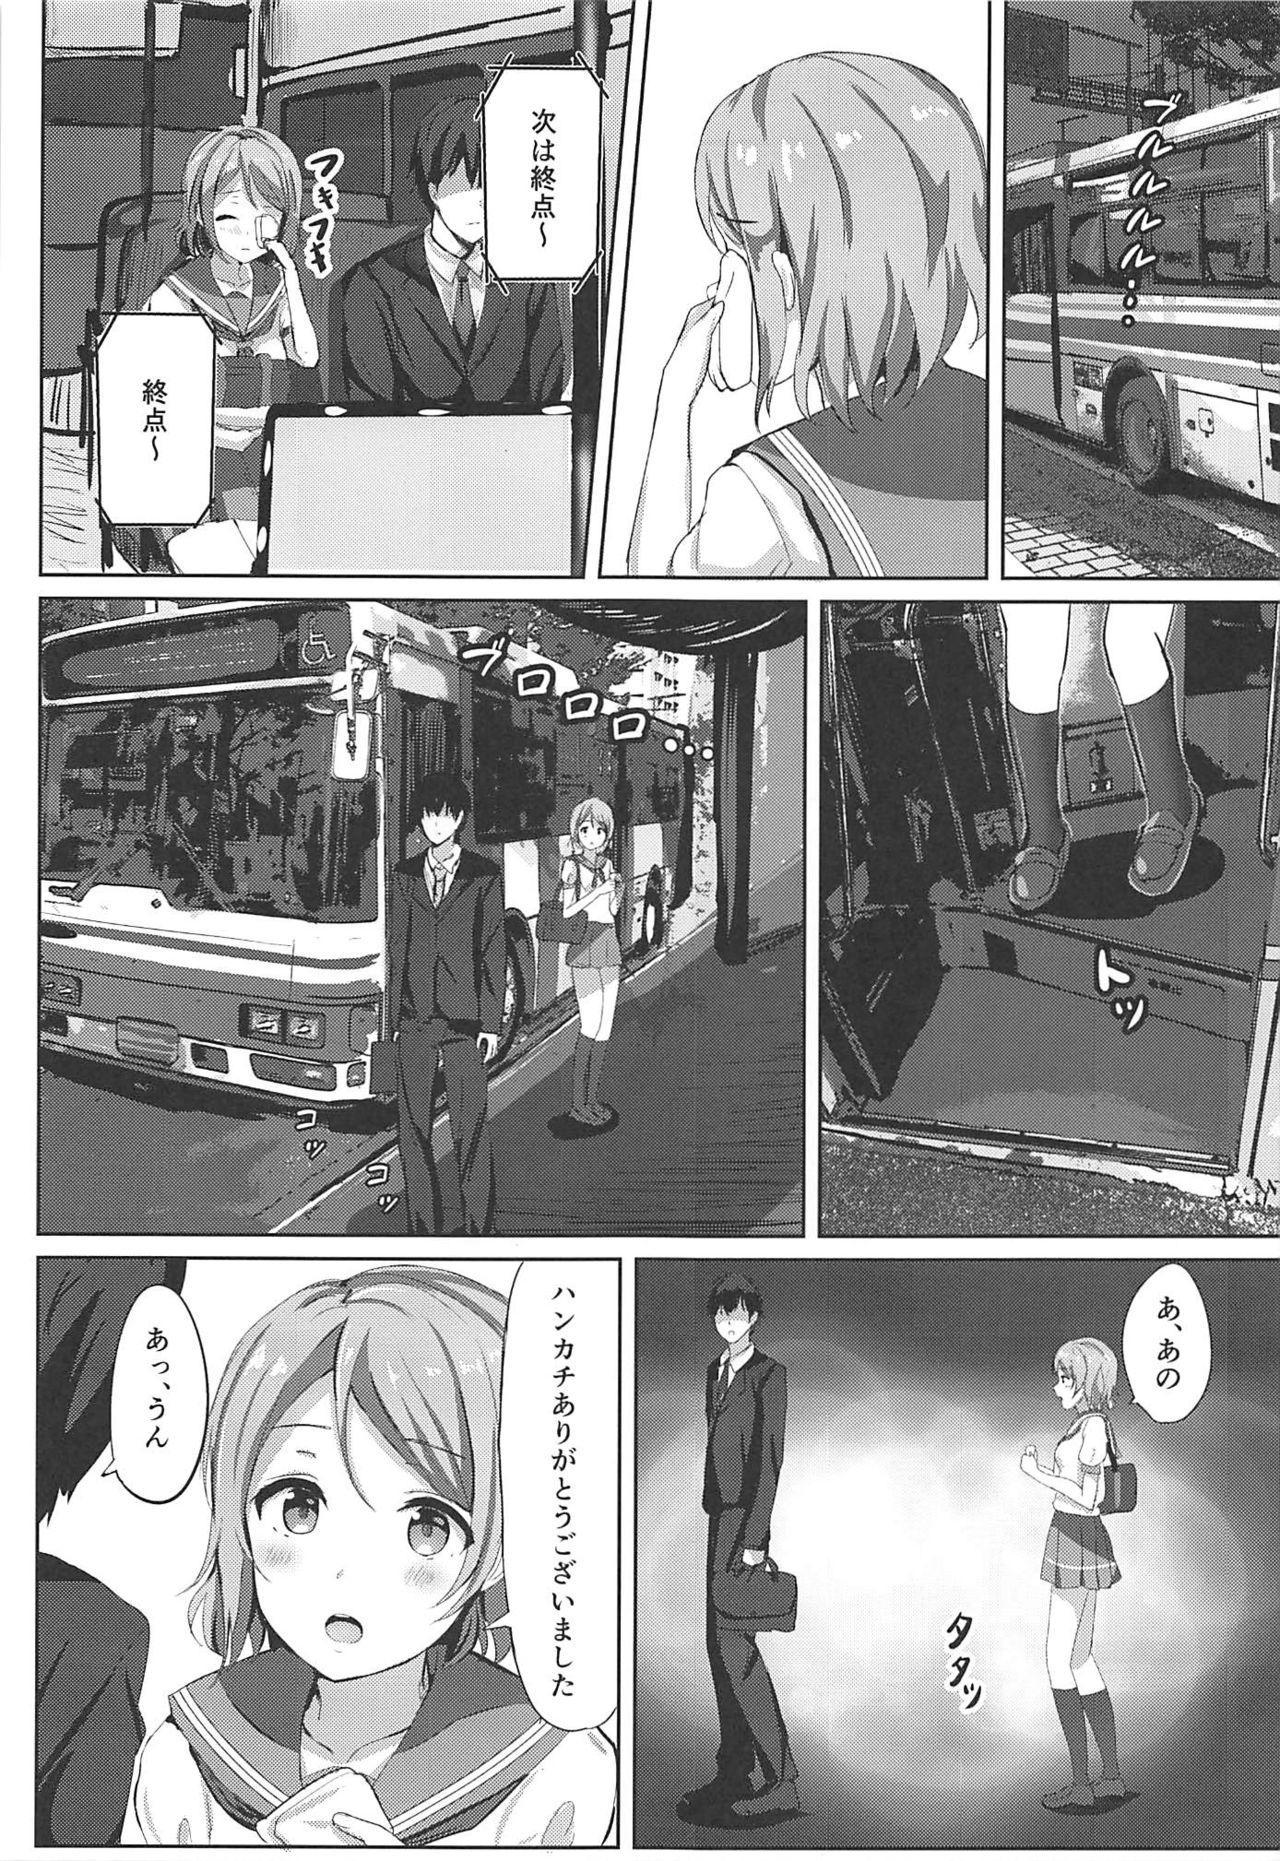 Ichiya no shitto youbi 7